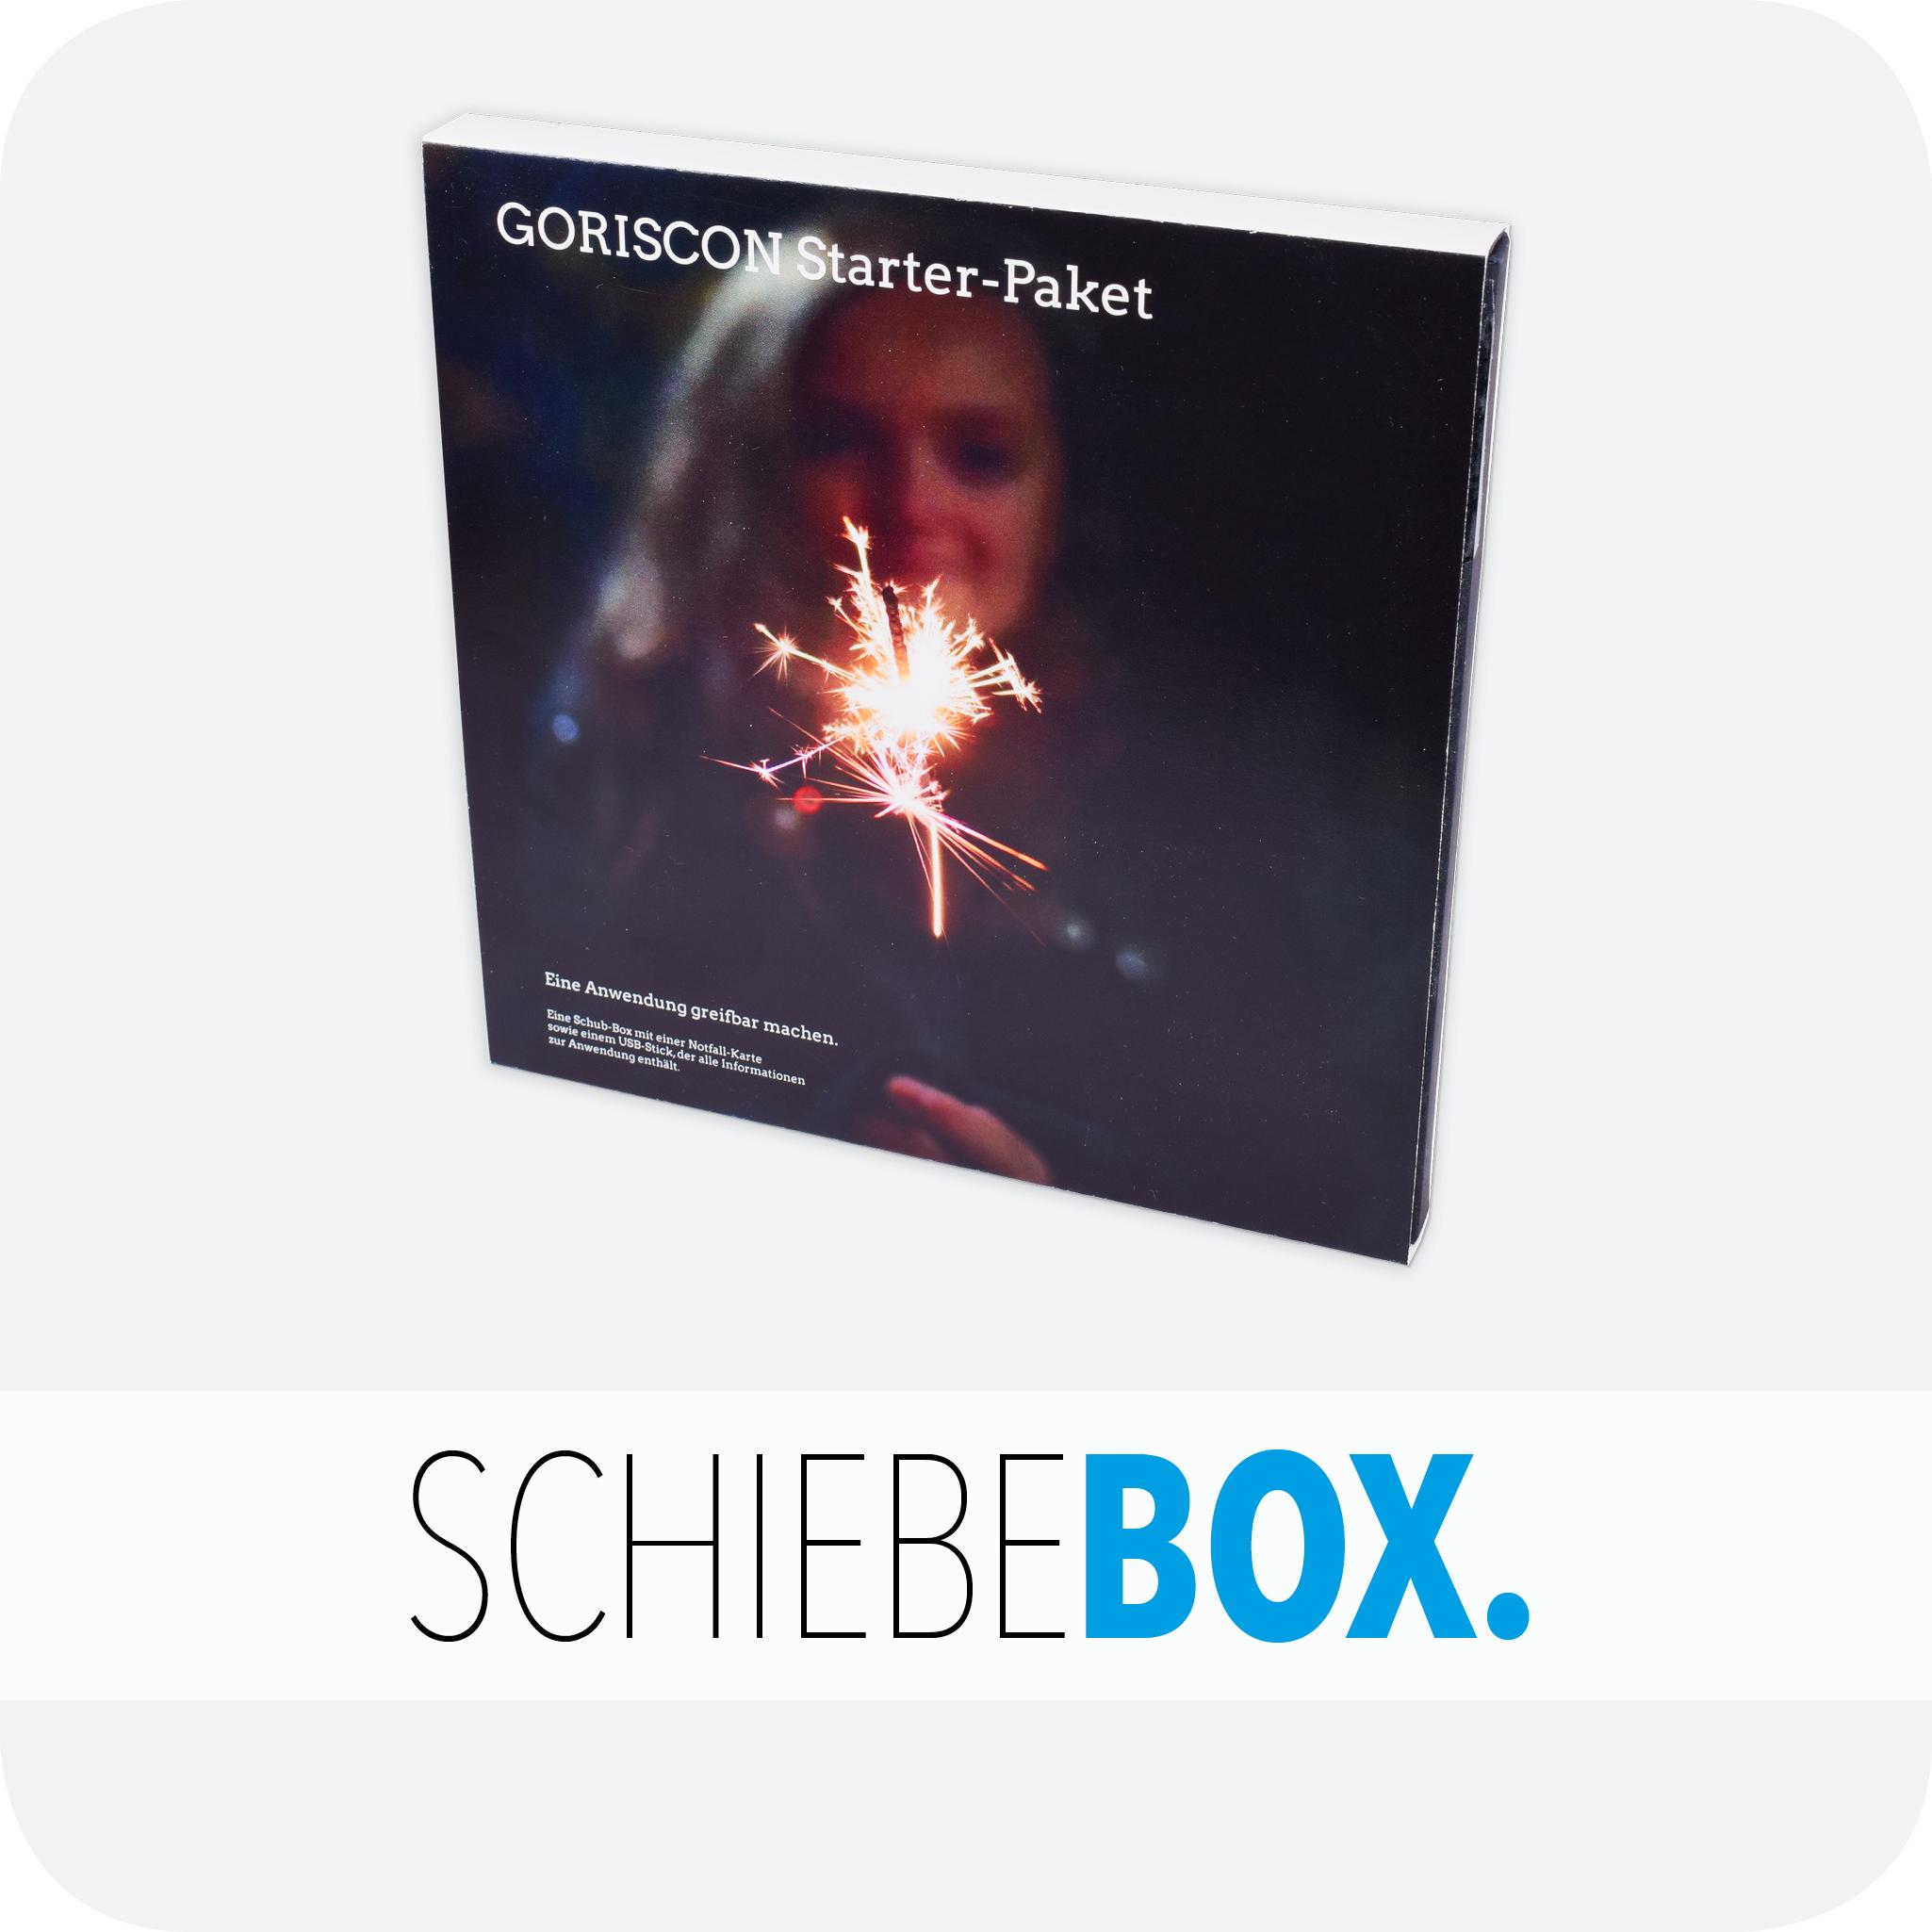 Schiebebox